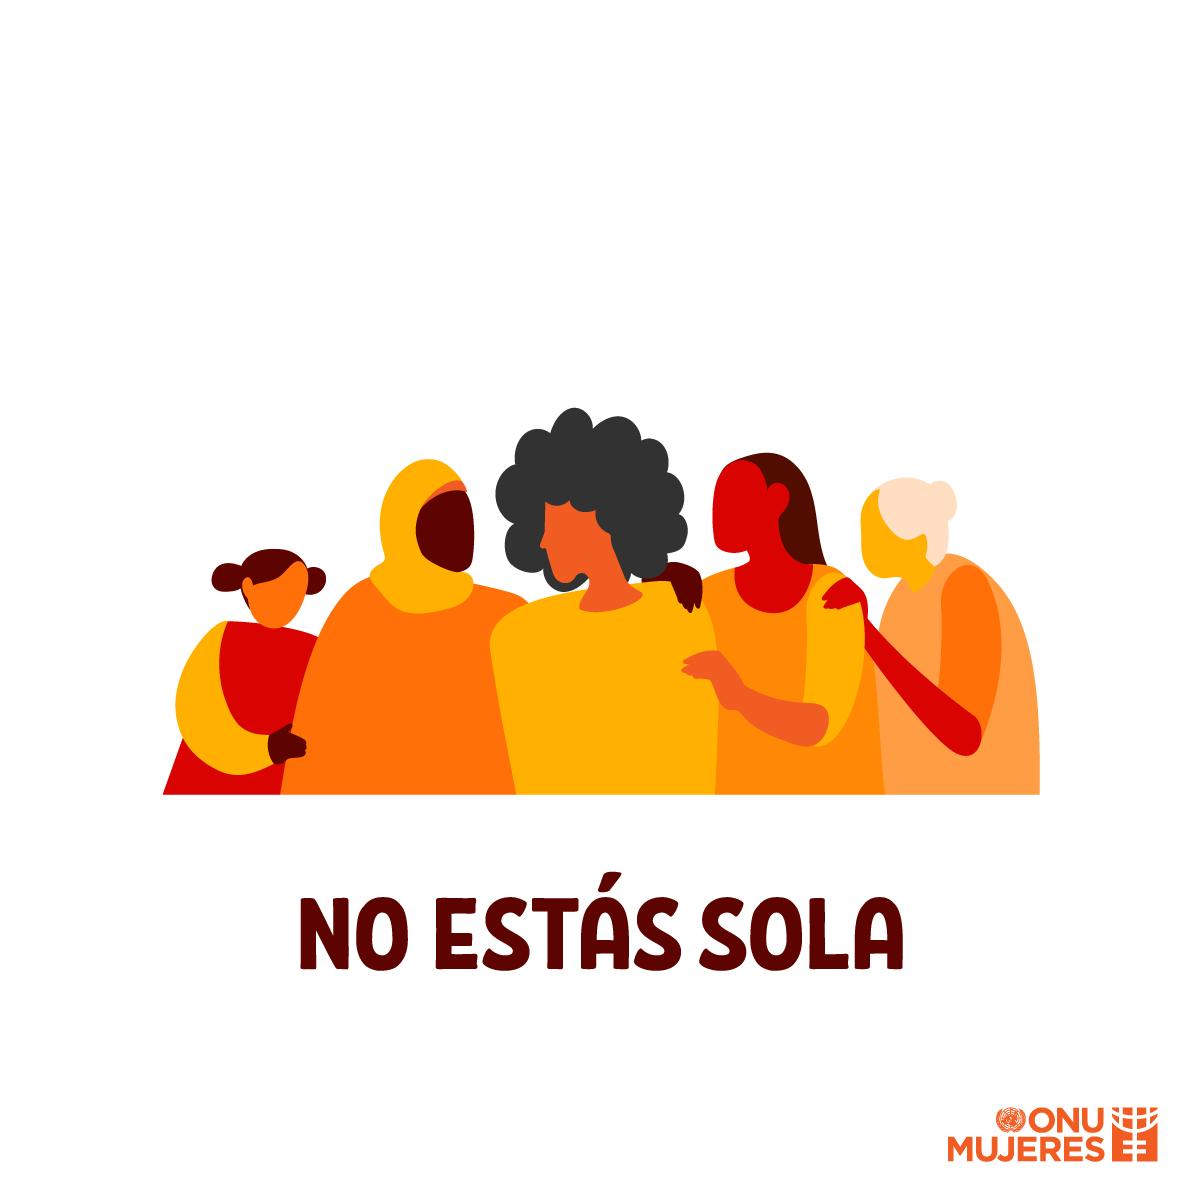 Querida sobreviviente que supera su miedo para hablar:   Te escuchamos. Te vemos. Te creemos.  No estás sola. 🧡  #pintaelmundodenaranja #16Días #GeneraciónIgualdad vía @ONUMujeres